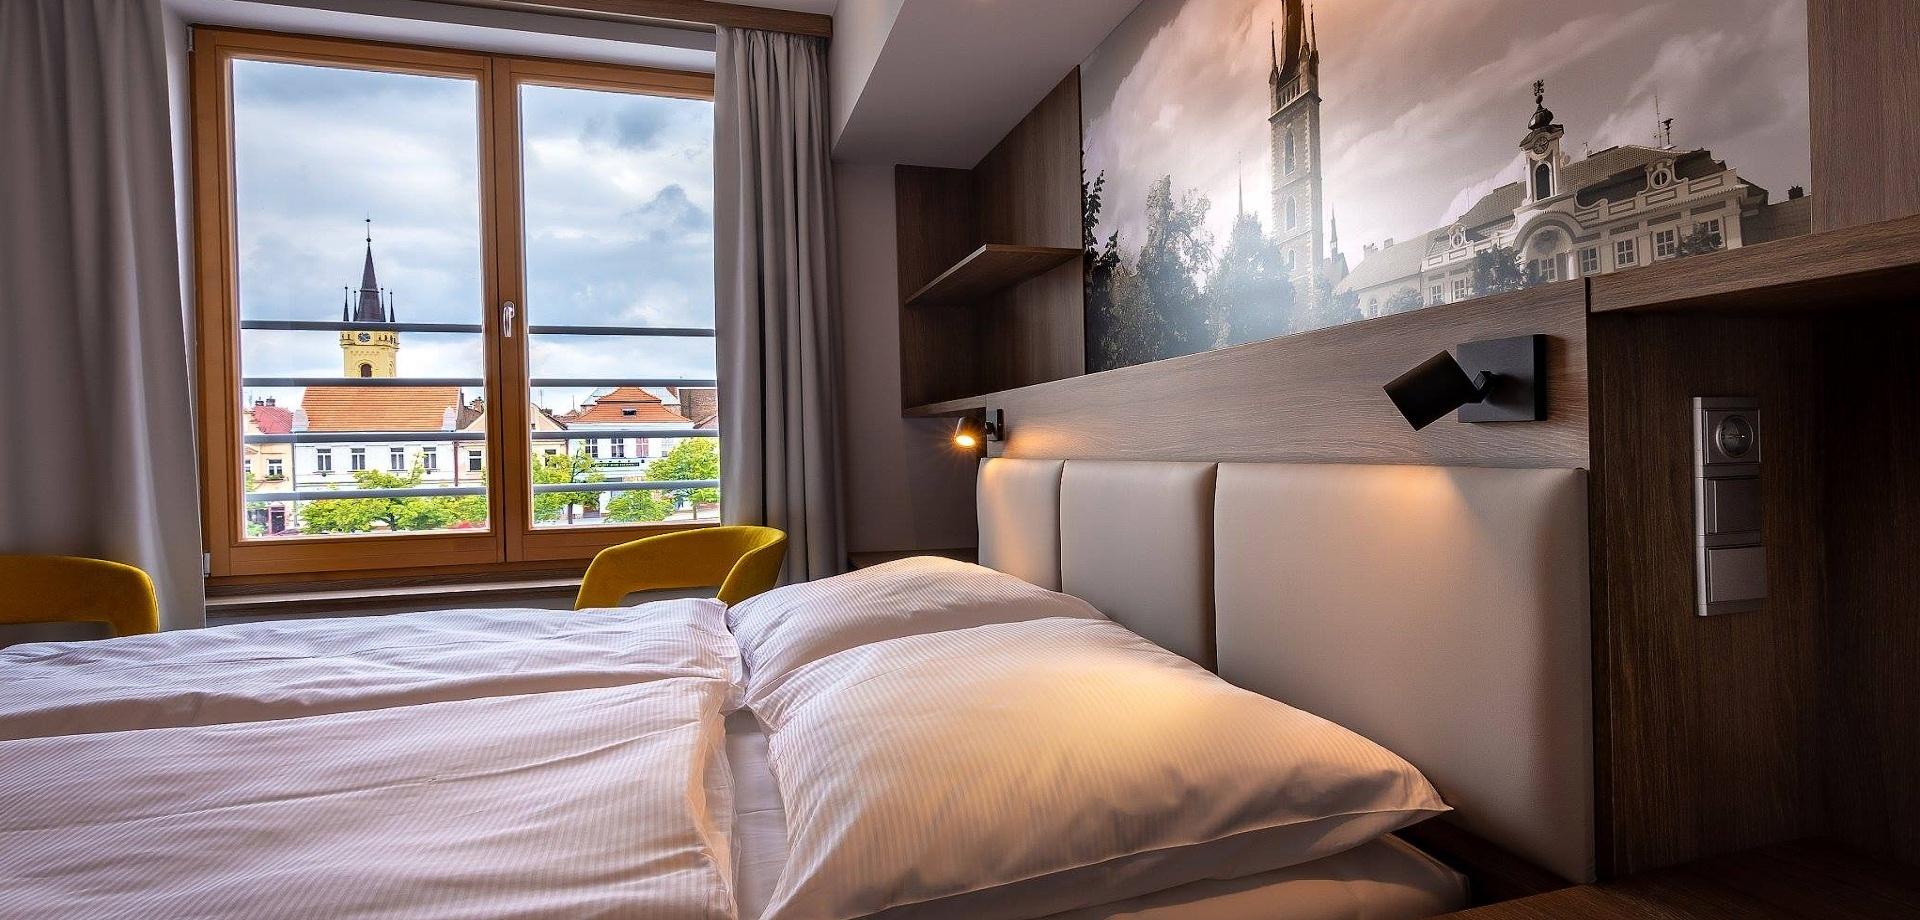 Hotel Grand (2)